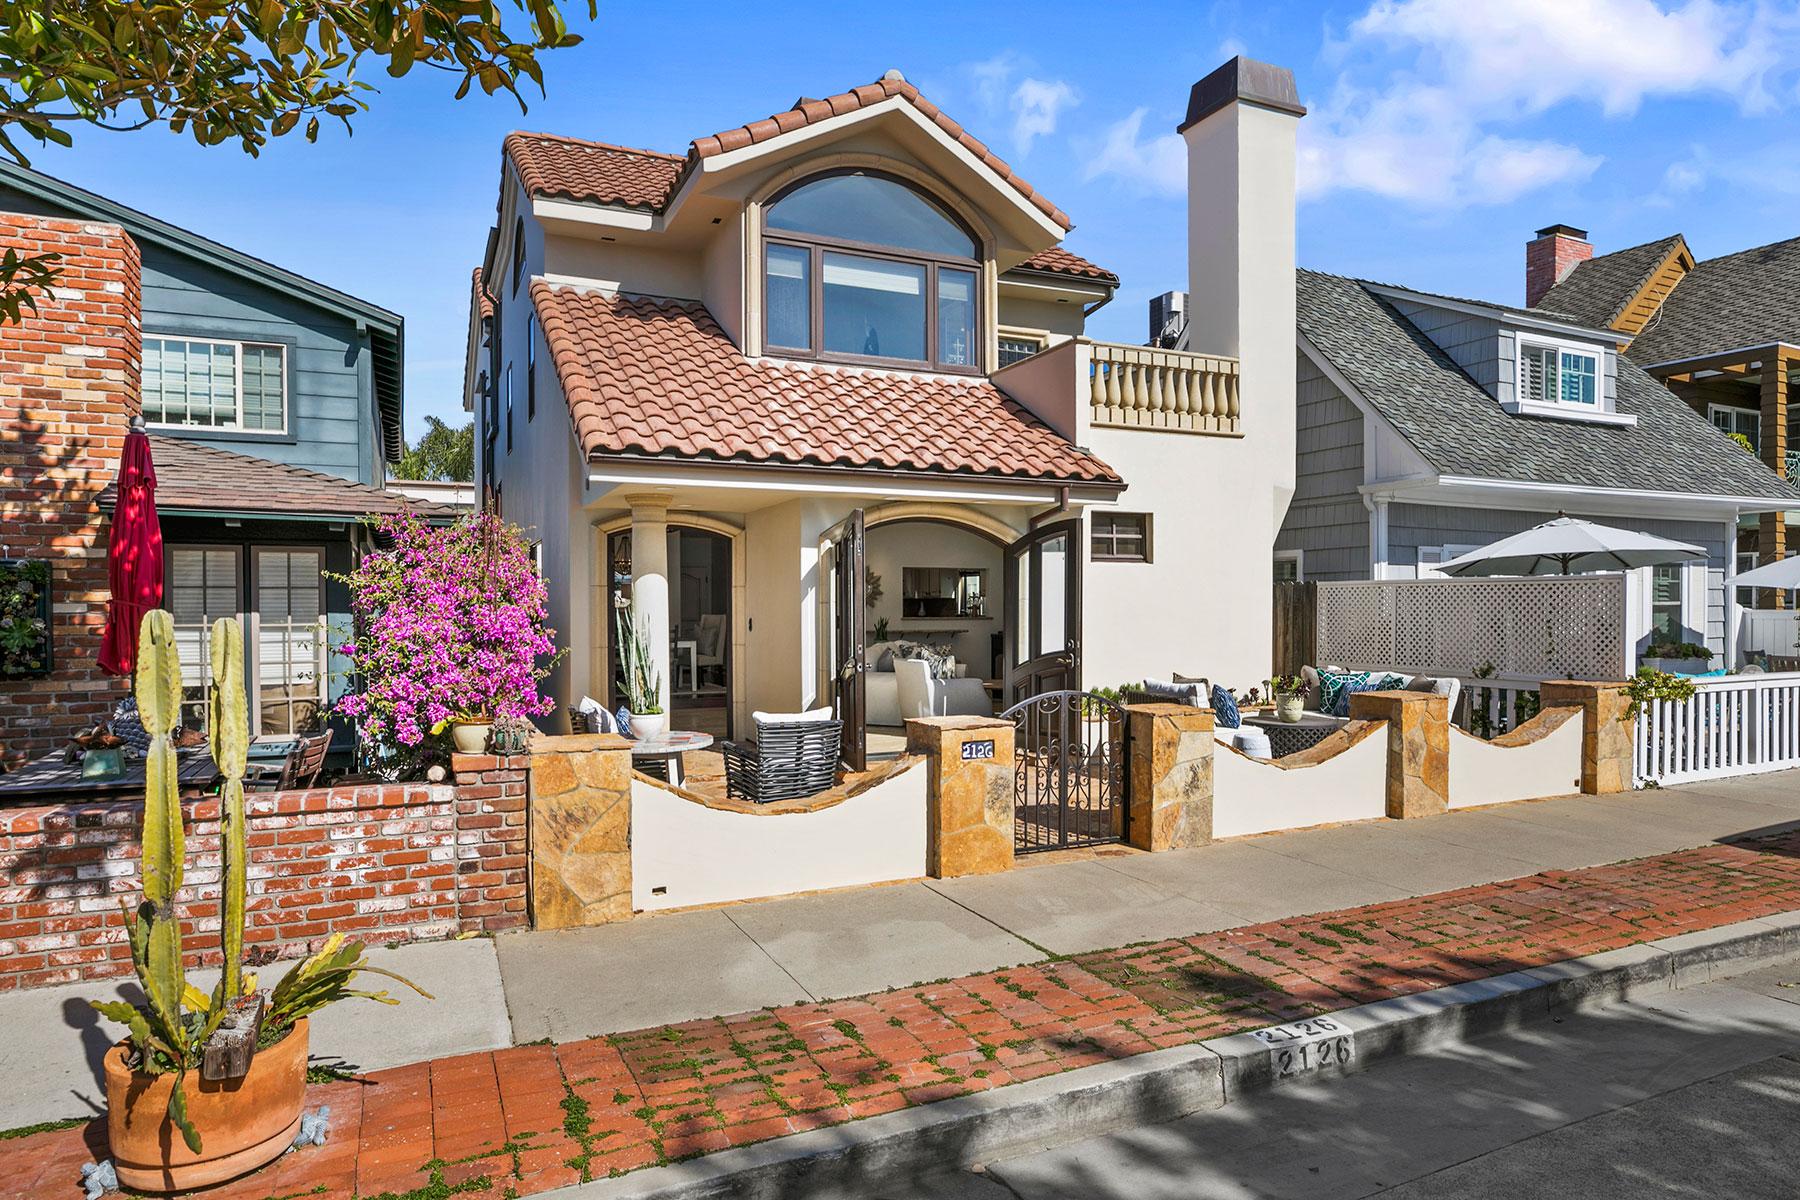 独户住宅 为 销售 在 2126 Miramar Dr. 纽波特比奇, 加利福尼亚州, 92661 美国